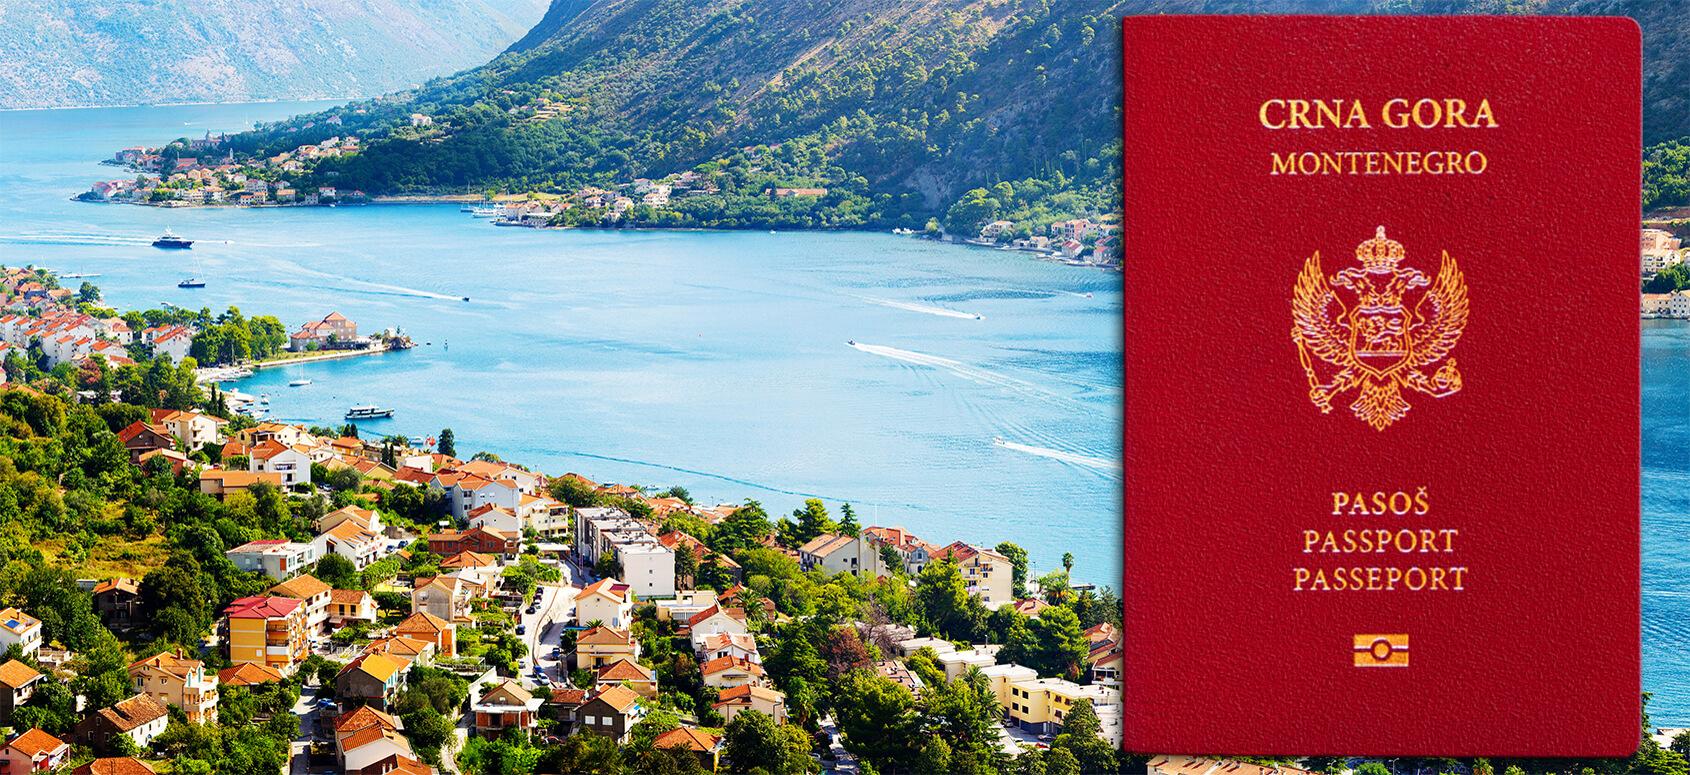 получение гражданства евросоюза через черногорию